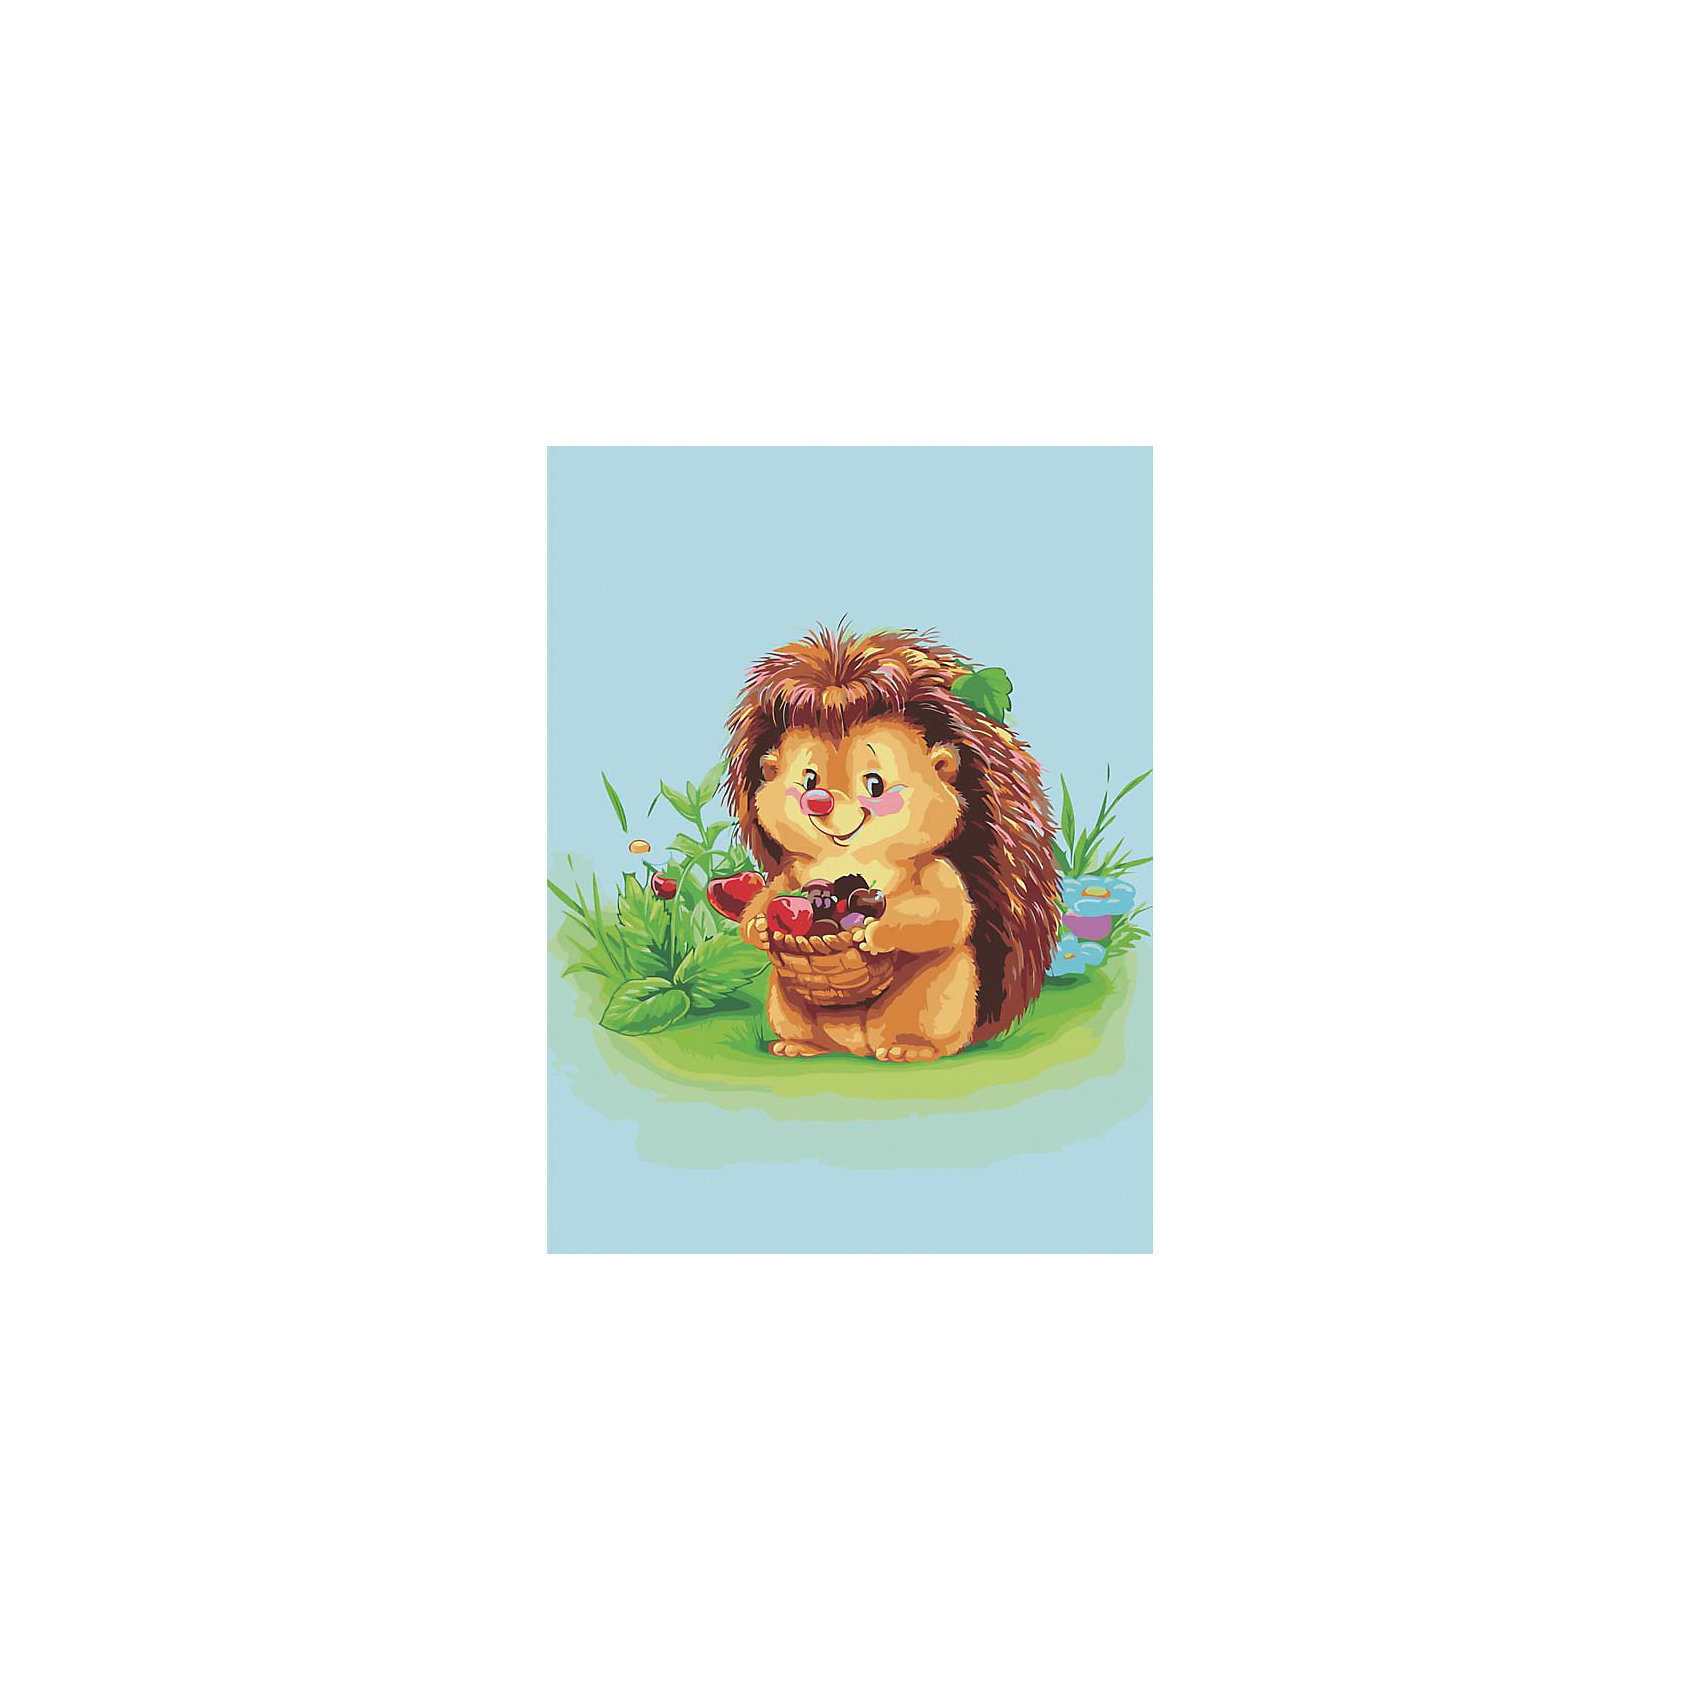 Живопись на холсте 30*40 см Ёжик с лукошкомРаскраски по номерам<br>Характеристики товара:<br><br>• цвет: разноцветный<br>• материал: акрил, картон<br>• размер: 30 x 40 см<br>• комплектация: полотно на подрамнике с контурами рисунка, пробный лист с рисунком, набор акриловых красок, три кисти, крепление на стену для картины<br>• для детей от шести лет и взрослых<br>• не требует специальных навыков<br>• страна бренда: Китай<br>• страна изготовитель: Китай<br><br>Как с удовольствием и пользой провести время? Порисовать! Это занятие, которое любят многие дети и взрослые. Рисование помогает развить важные навыки и просто приносит удовольствие! Чтобы вселить в ребенка уверенность в своих силах, можно предложить ему этот набор - в нем уже есть сюжет, контуры рисунка и участки с номерами, которые обозначают определенную краску из набора. Все оттенки уже готовы, задача художника - аккуратно, с помощью кисточек из набора, нанести краски на определенный участок полотна.<br>Взрослым также понравится этот процесс, рисовать можно и вместе с малышом! В итоге получается красивая картина, которой можно украсить интерьер. Рисование способствует развитию мелкой моторики, воображения, цветовосприятия, творческих способностей и усидчивости. Набор отлично проработан, сделан из качественных и проверенных материалов, которые безопасны для детей. Краски - акриловые, они быстро сохнут и легко смываются с кожи.<br><br>Живопись на холсте 30*40 см Ёжик с лукошком от торговой марки Белоснежка можно купить в нашем интернет-магазине.<br><br>Ширина мм: 410<br>Глубина мм: 310<br>Высота мм: 25<br>Вес г: 567<br>Возраст от месяцев: 72<br>Возраст до месяцев: 144<br>Пол: Унисекс<br>Возраст: Детский<br>SKU: 5089693